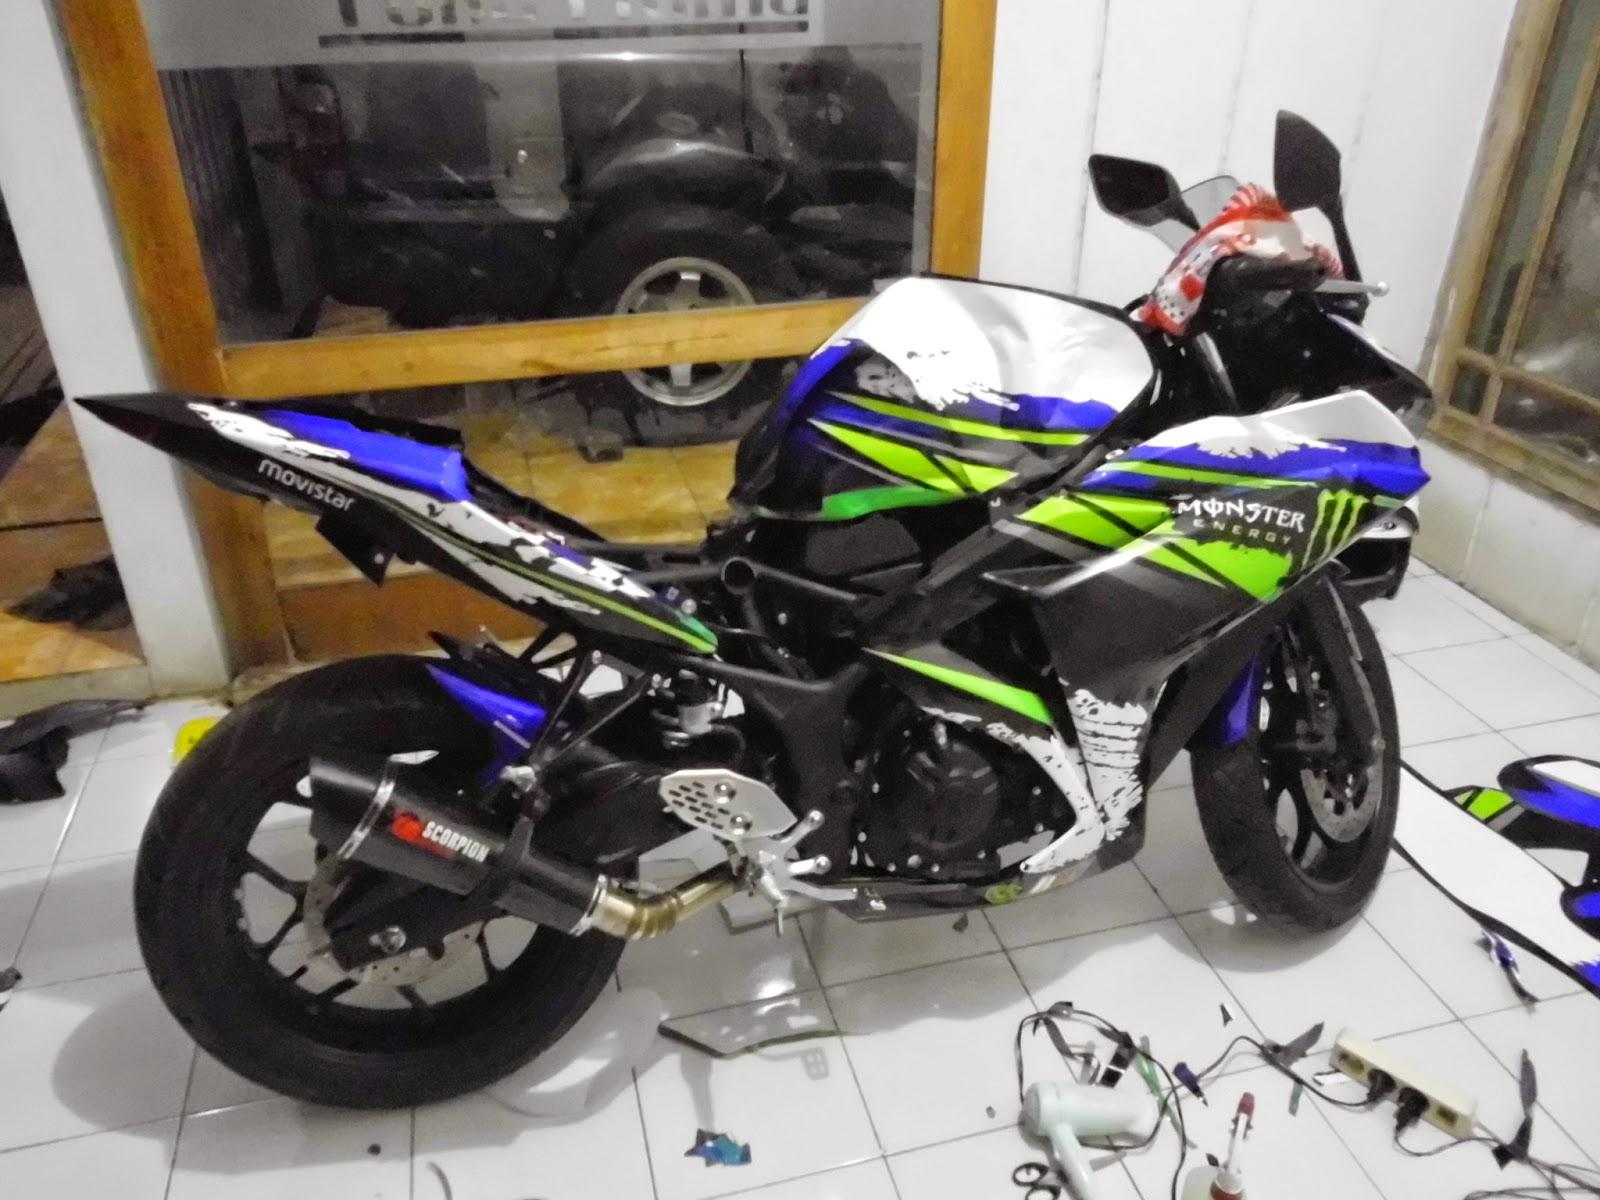 Membalut motor yamaha r25 dengan tampilan ala moto gp barometer